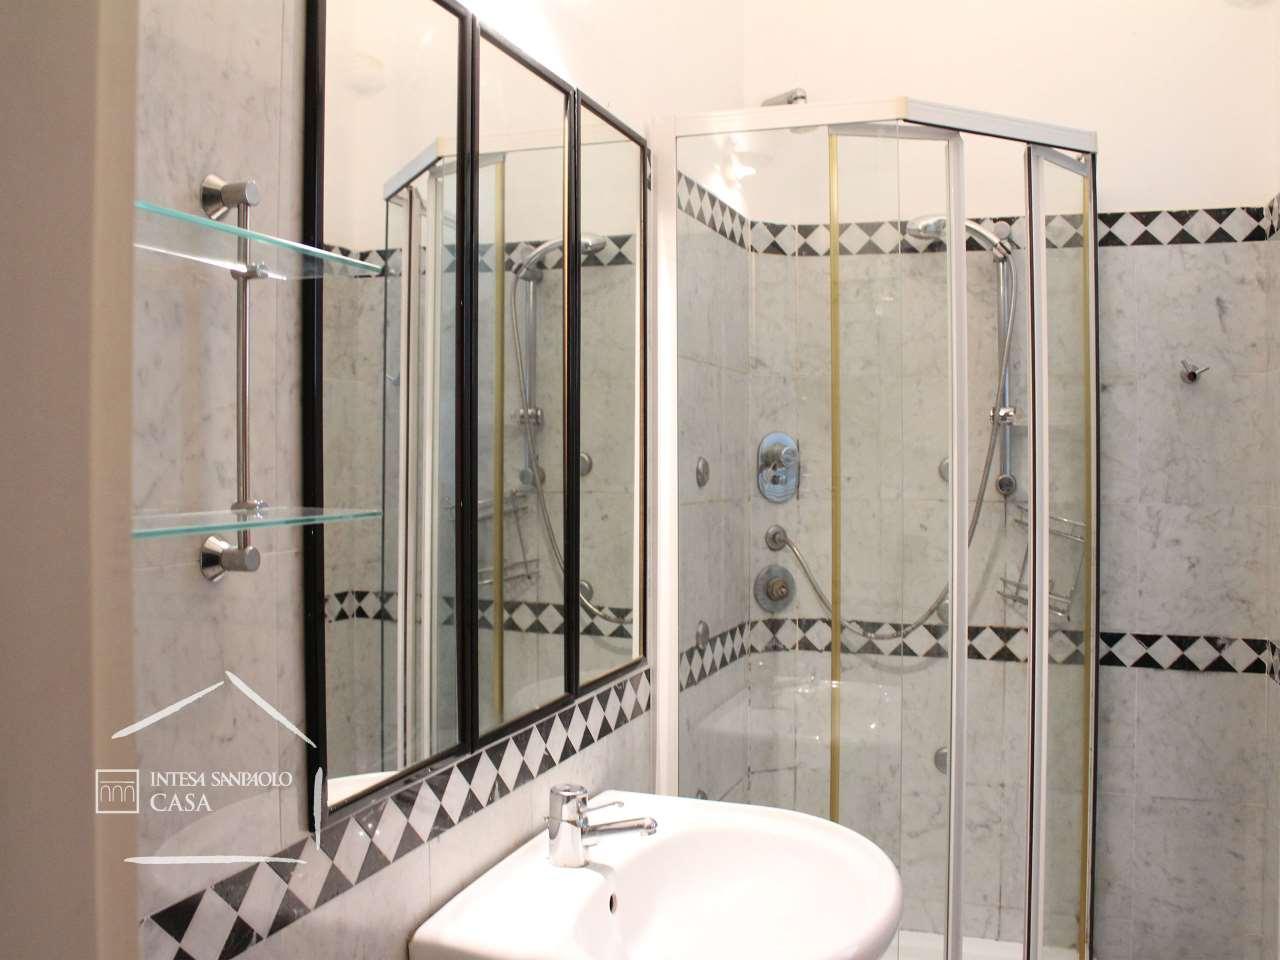 Appartamento in Vendita a Genova: 3 locali, 116 mq - Foto 7